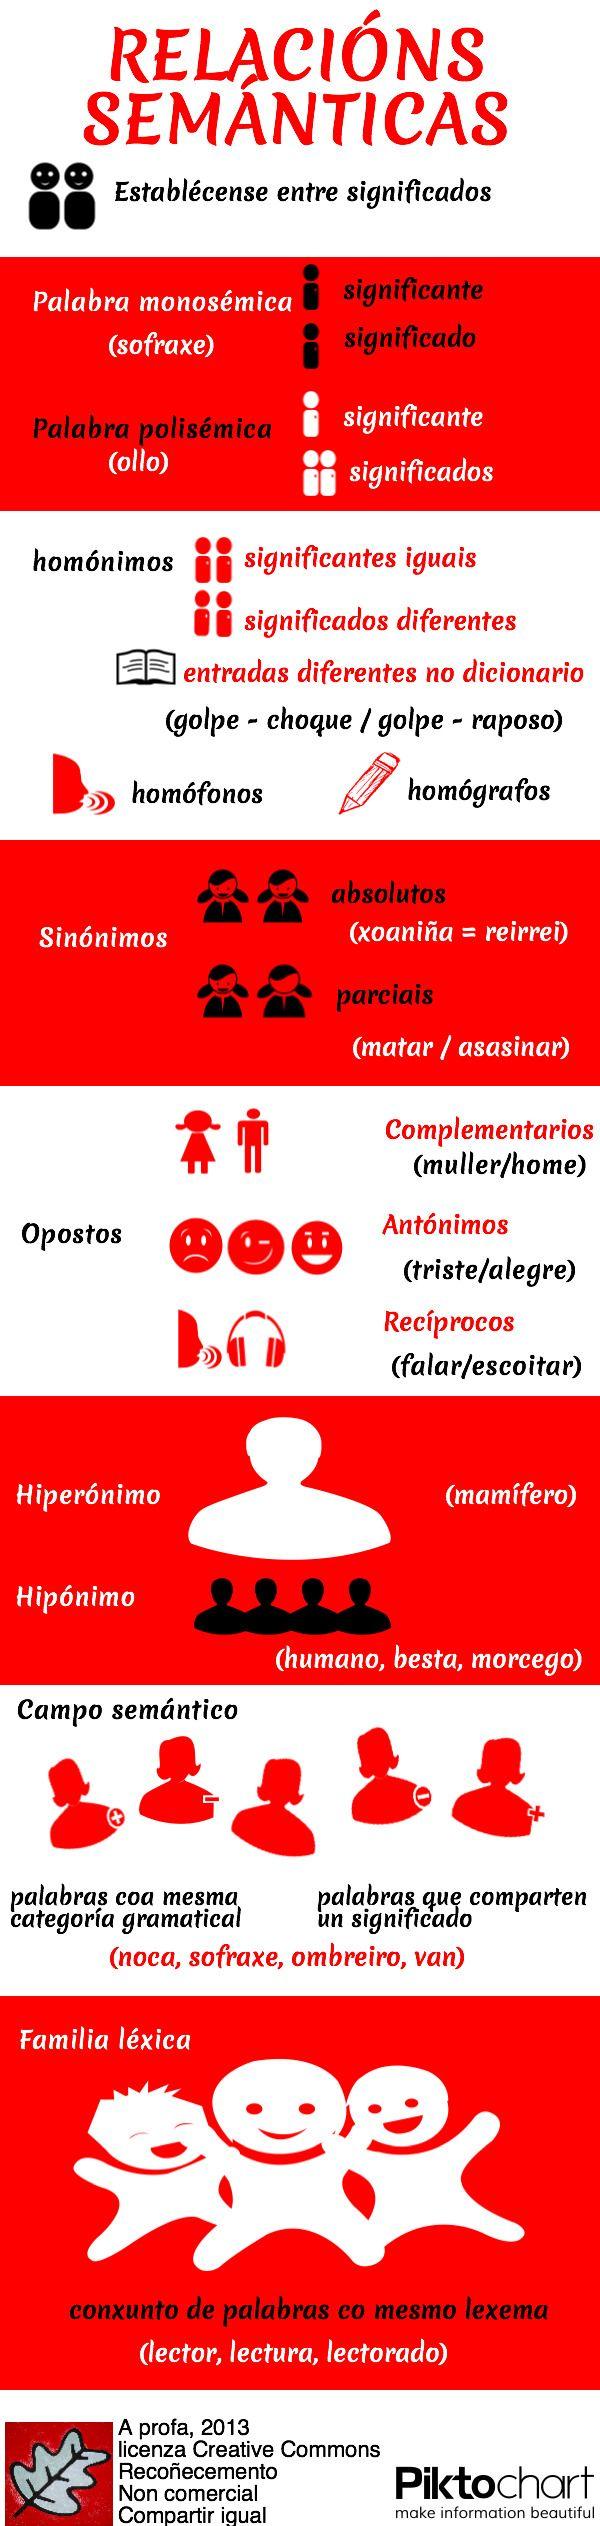 Infografía. Relacións semánticas. 2013. A profa.